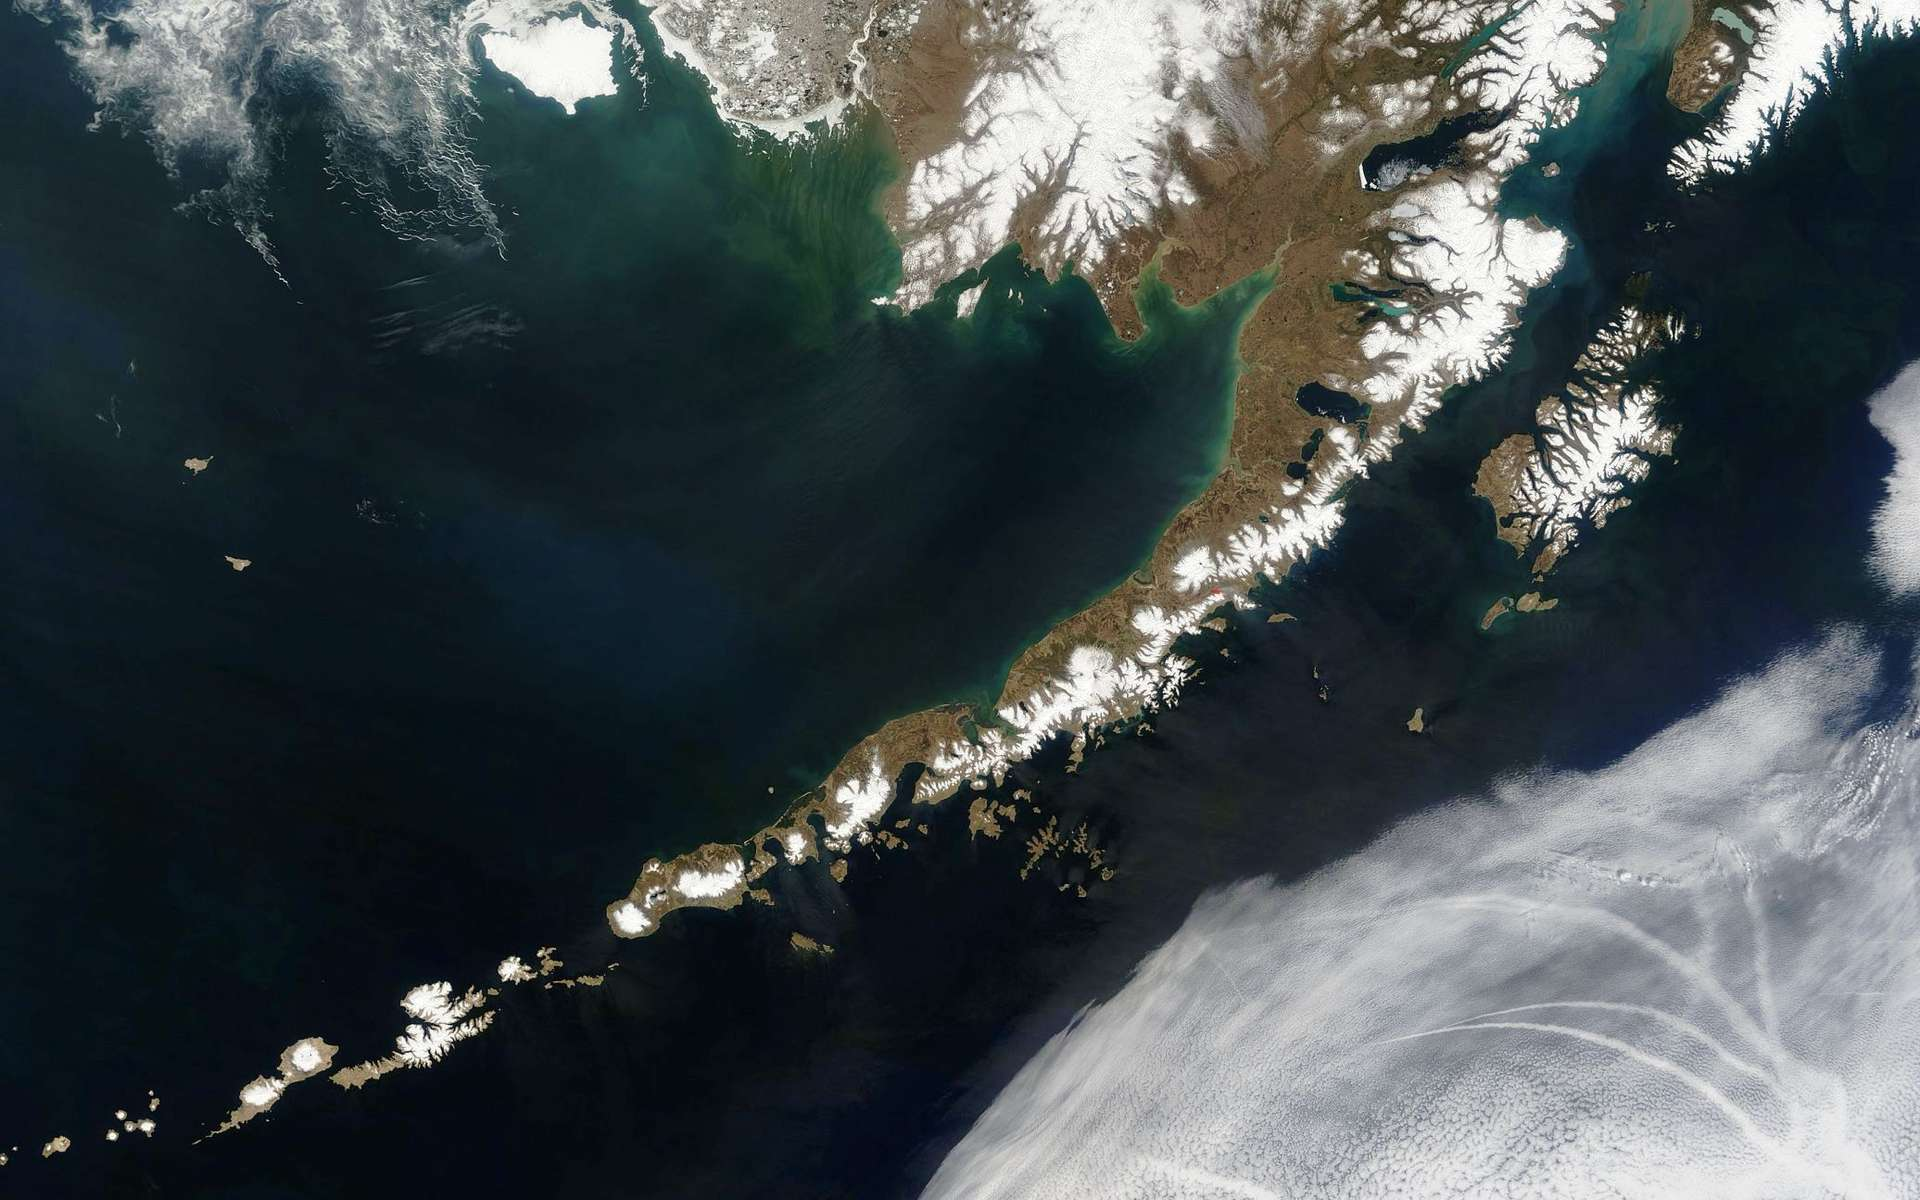 Si la Terre est habitable, serait-ce grâce aux volcans ? Ici, les îles Aléoutiennes, un archipel des États-Unis situé dans le sud-ouest de l'Alaska. Ce sont des îles volcaniques. © Jeff Schmaltz, Nasa